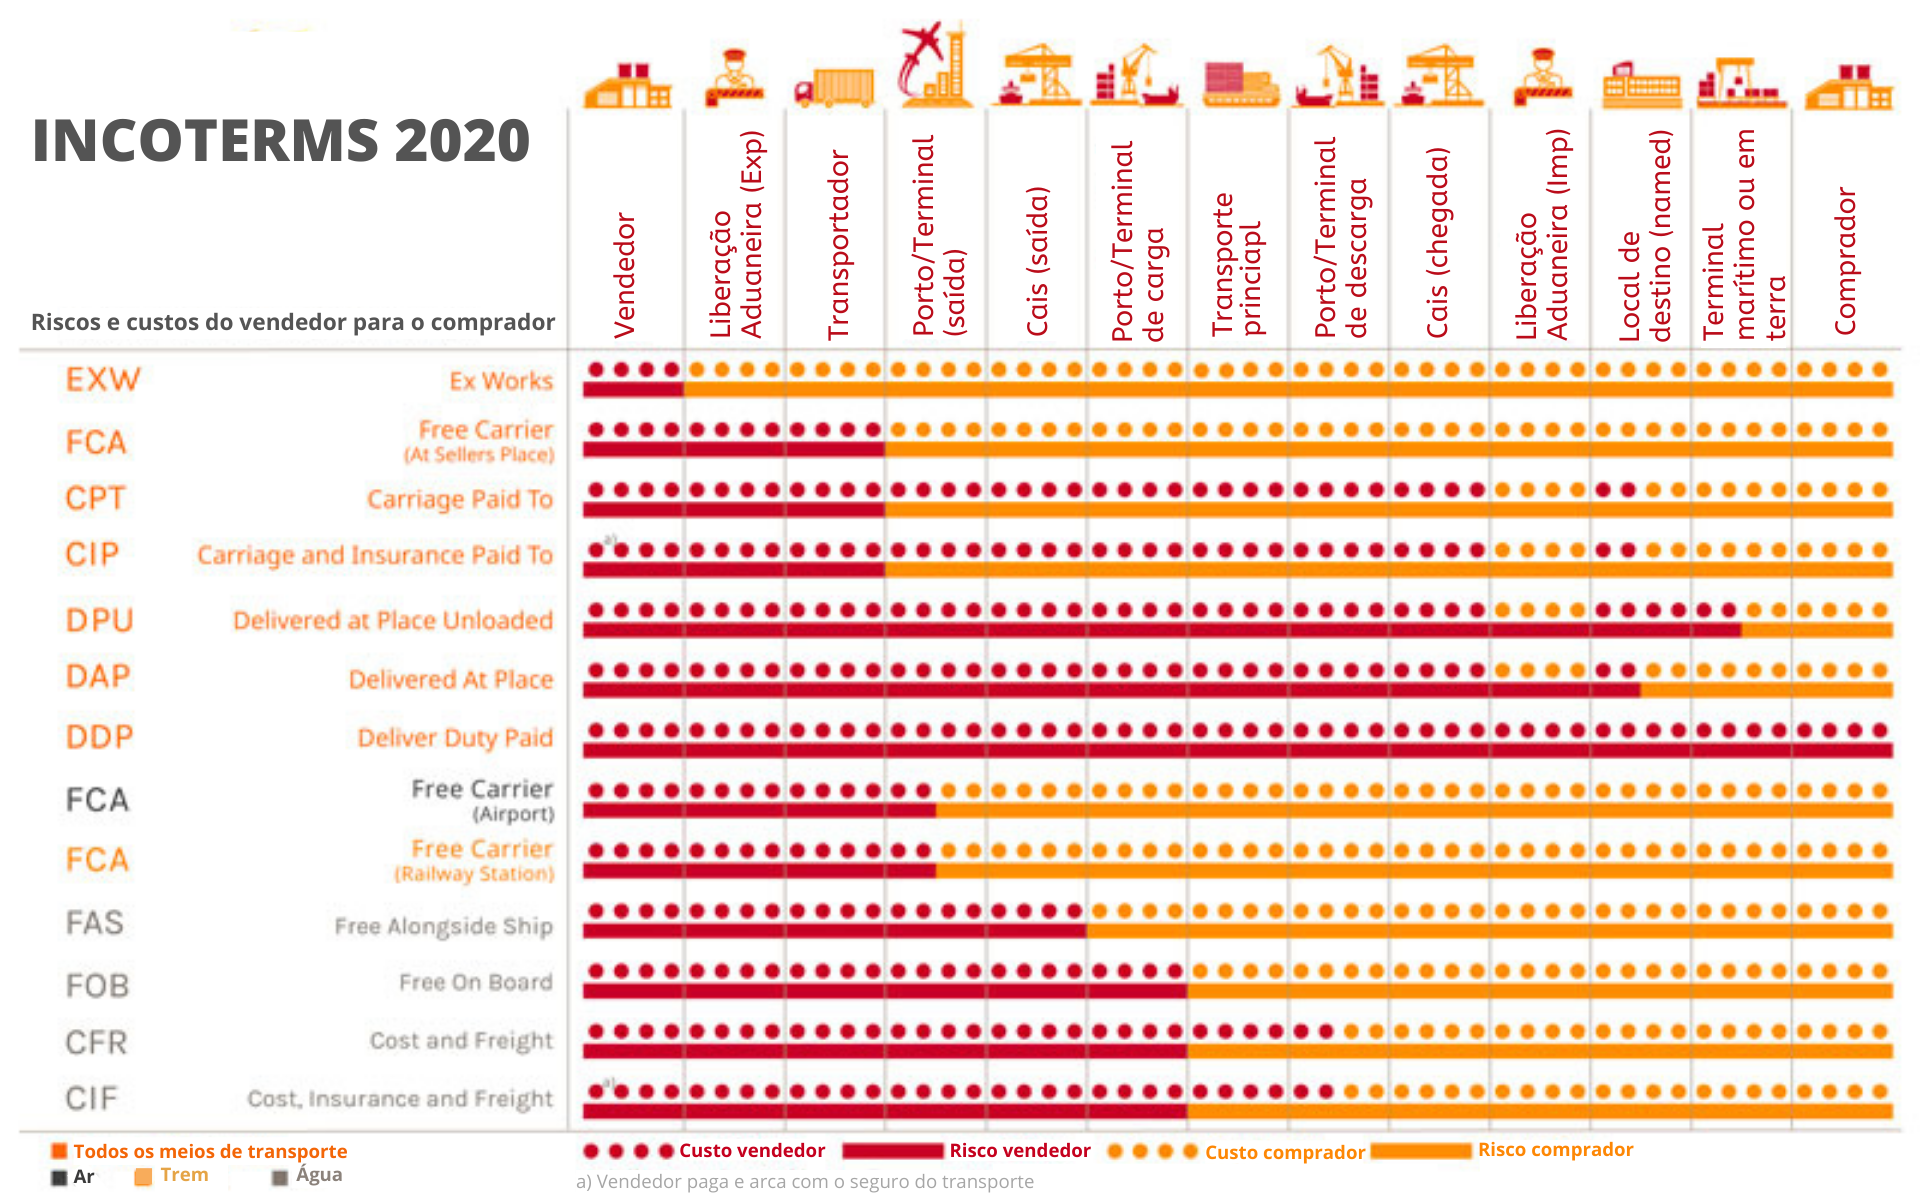 Incoterms 2020 infográfico lista e guia em português